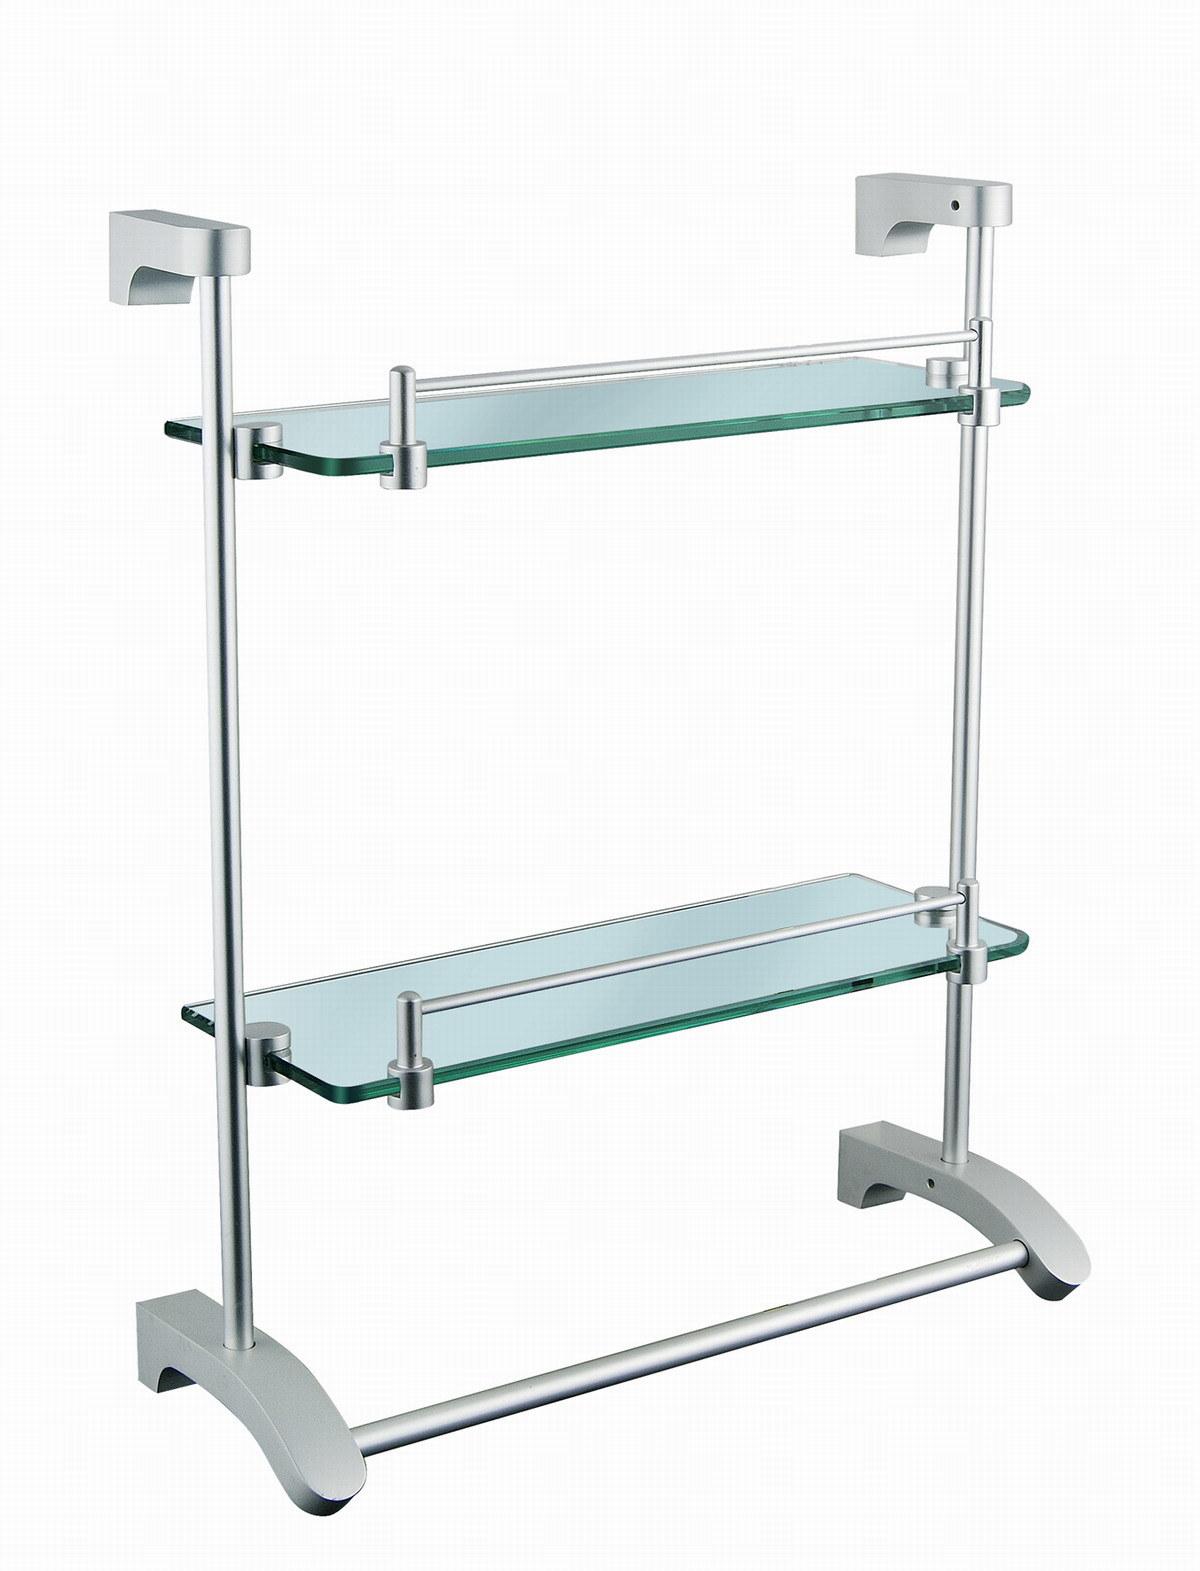 de vidro Encaixe Dobro do banheiro (KD 6614A) –Prateleira de vidro  #24604E 1200 1571